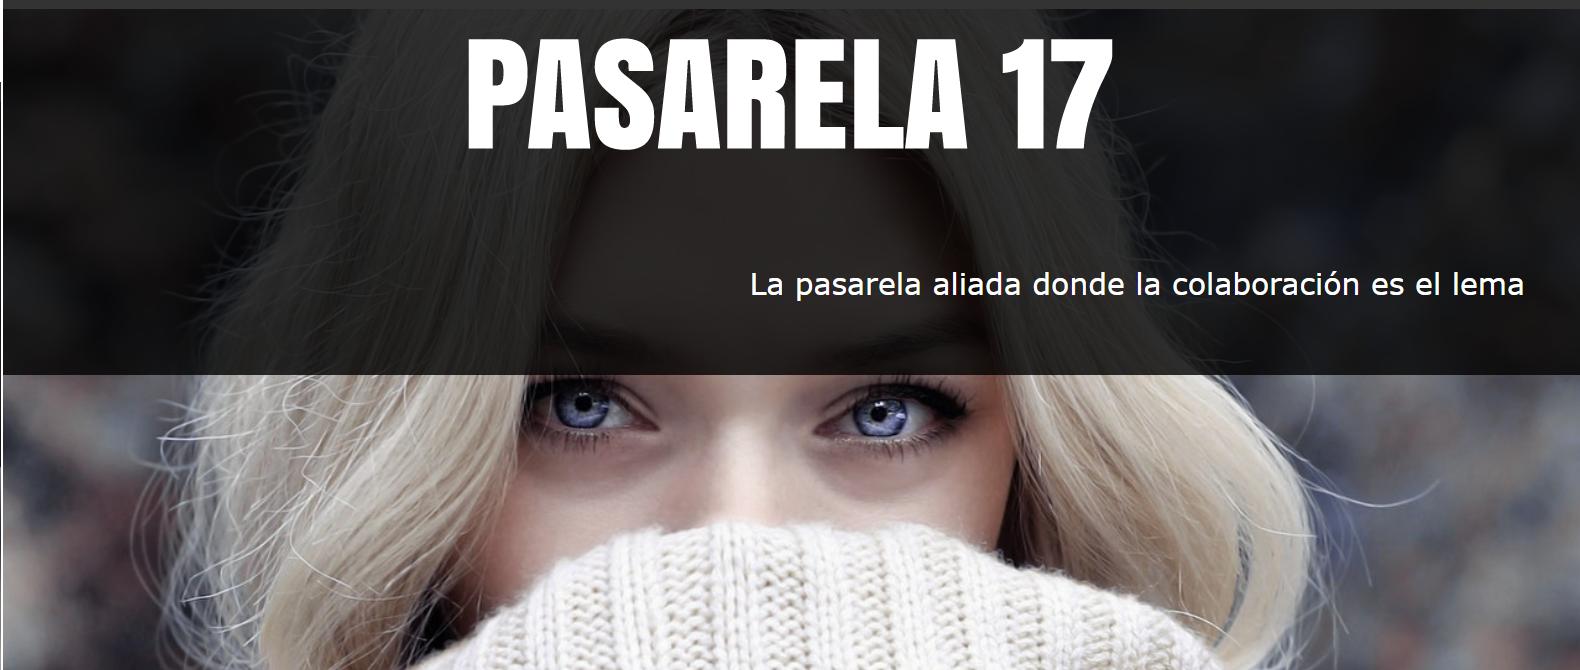 Pasarela 17